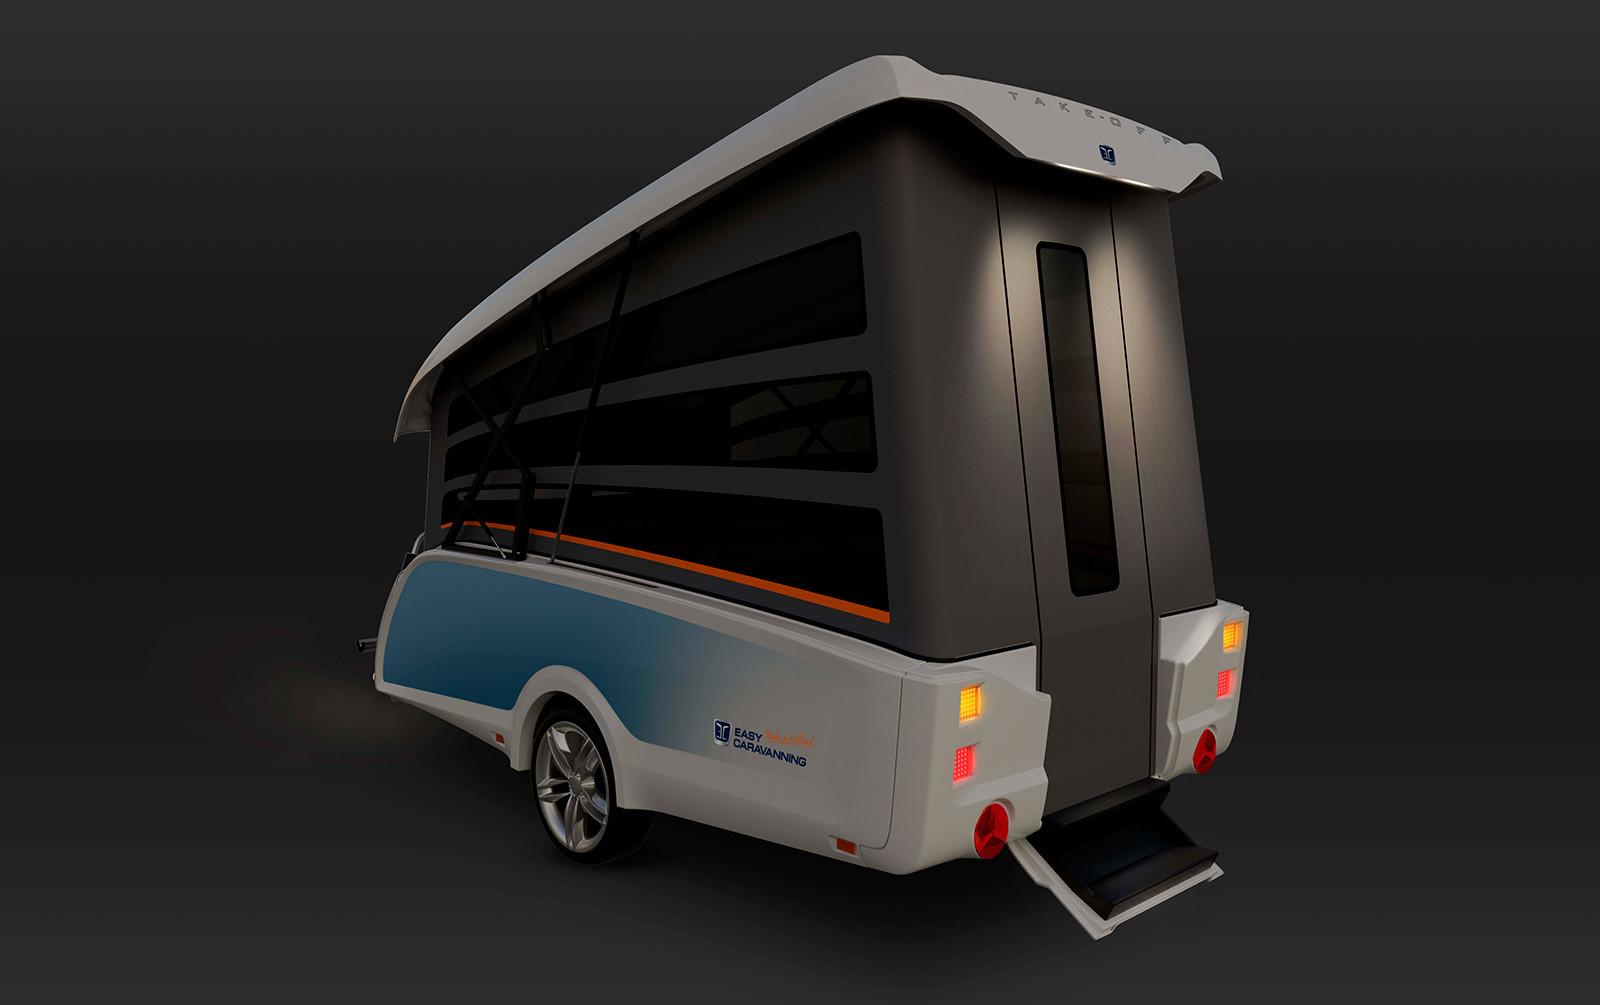 Carro-caravana TakeOff de Easy Caravanning